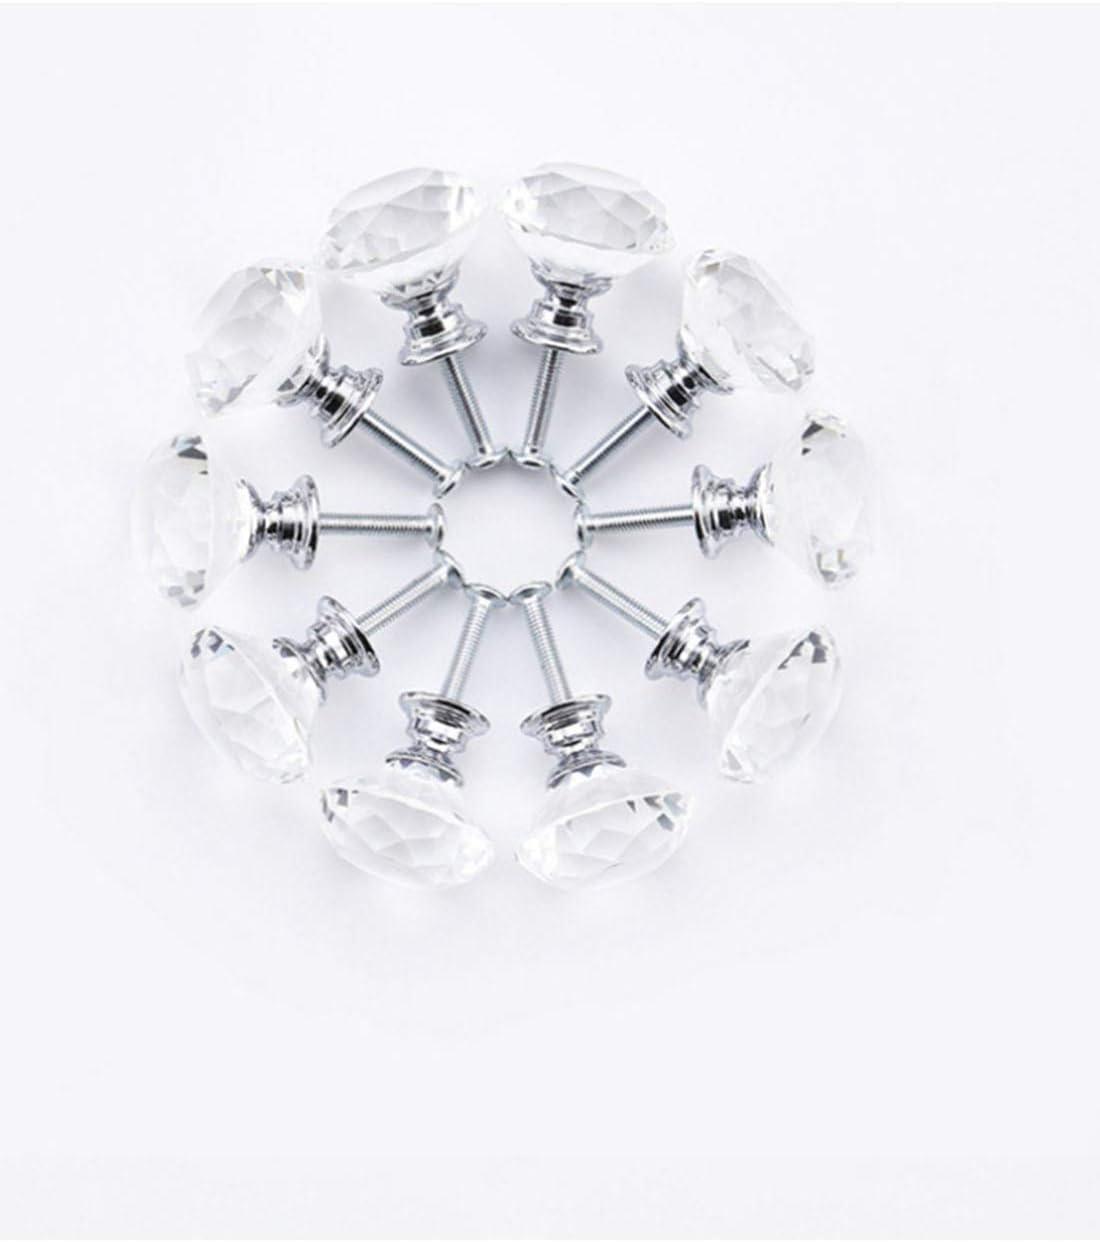 cajones y tiradores con tornillo para la decoraci/ón del hogar Perillas de cristal muebles armarios Pomos de cristal de 10 X 30 mm para puertas